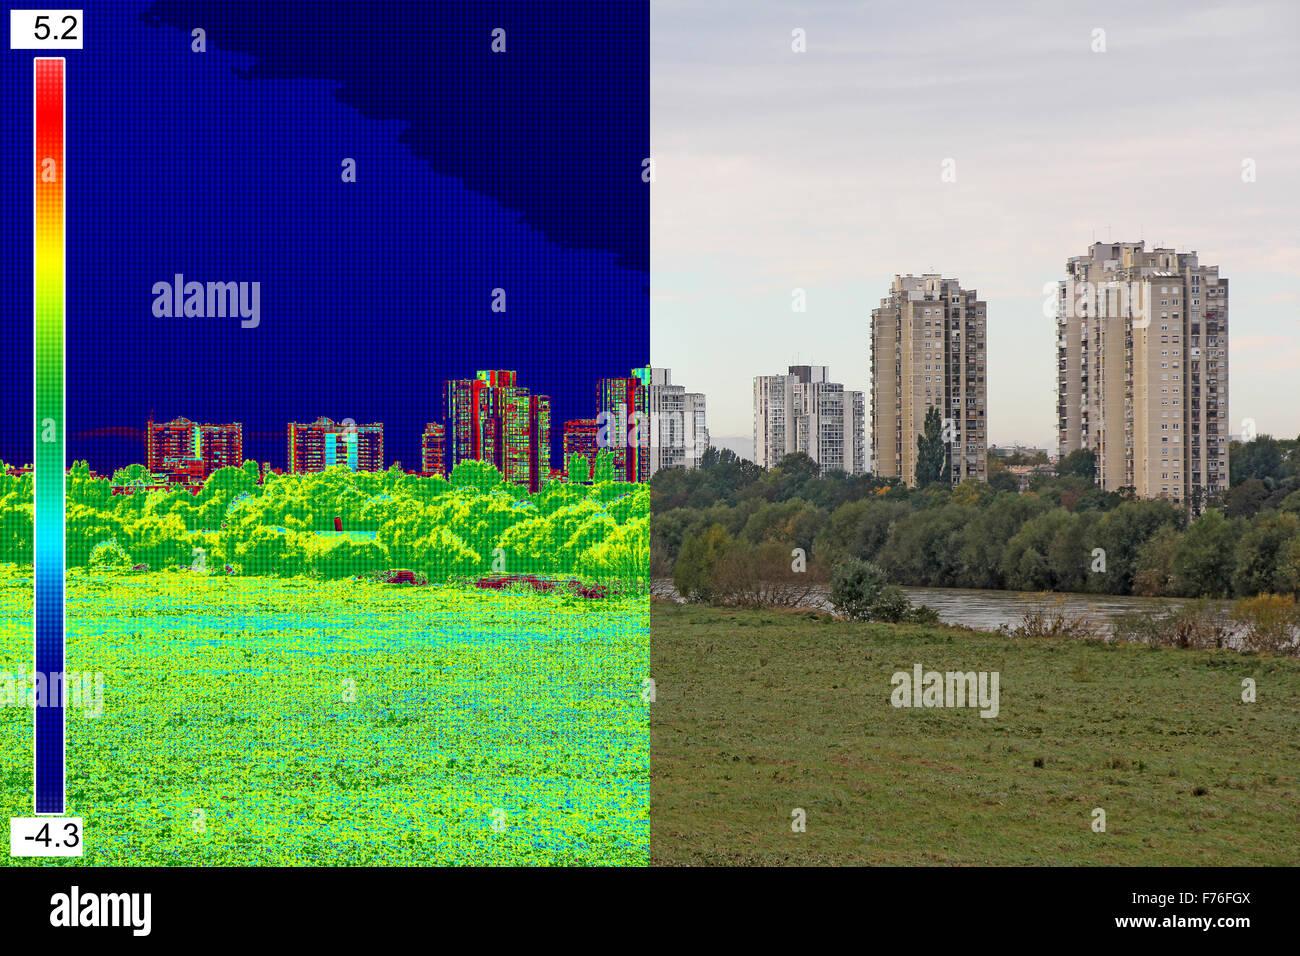 L'infrarouge et l'image réelle montrant le manque d'isolation thermique sur la construction résidentielle Photo Stock